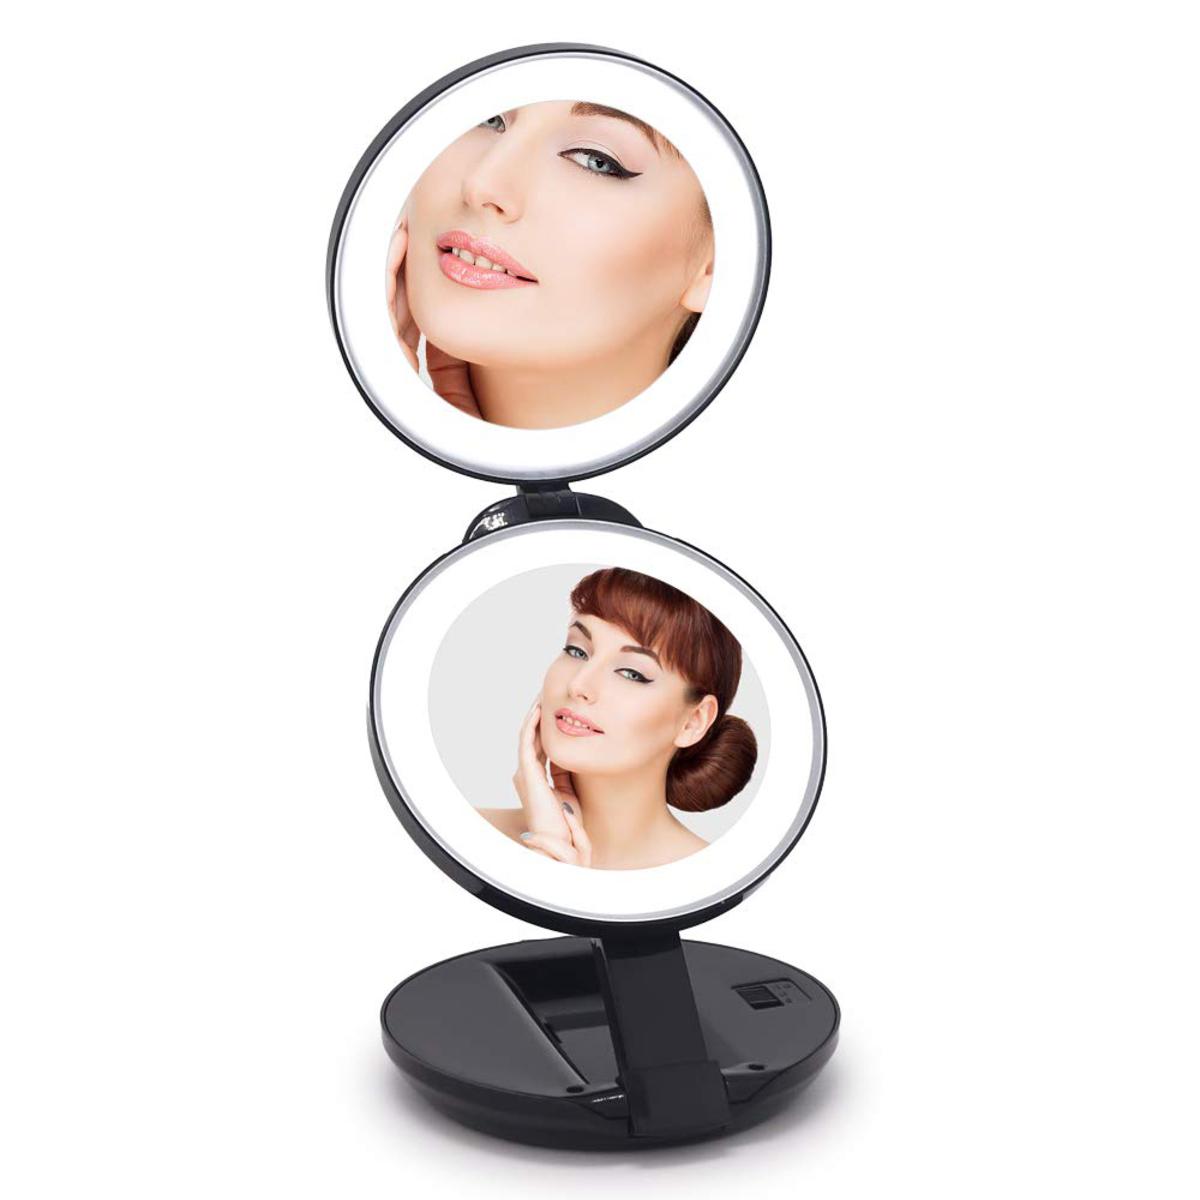 Lighted Handheld Makeup Mirror Saubhaya Makeup